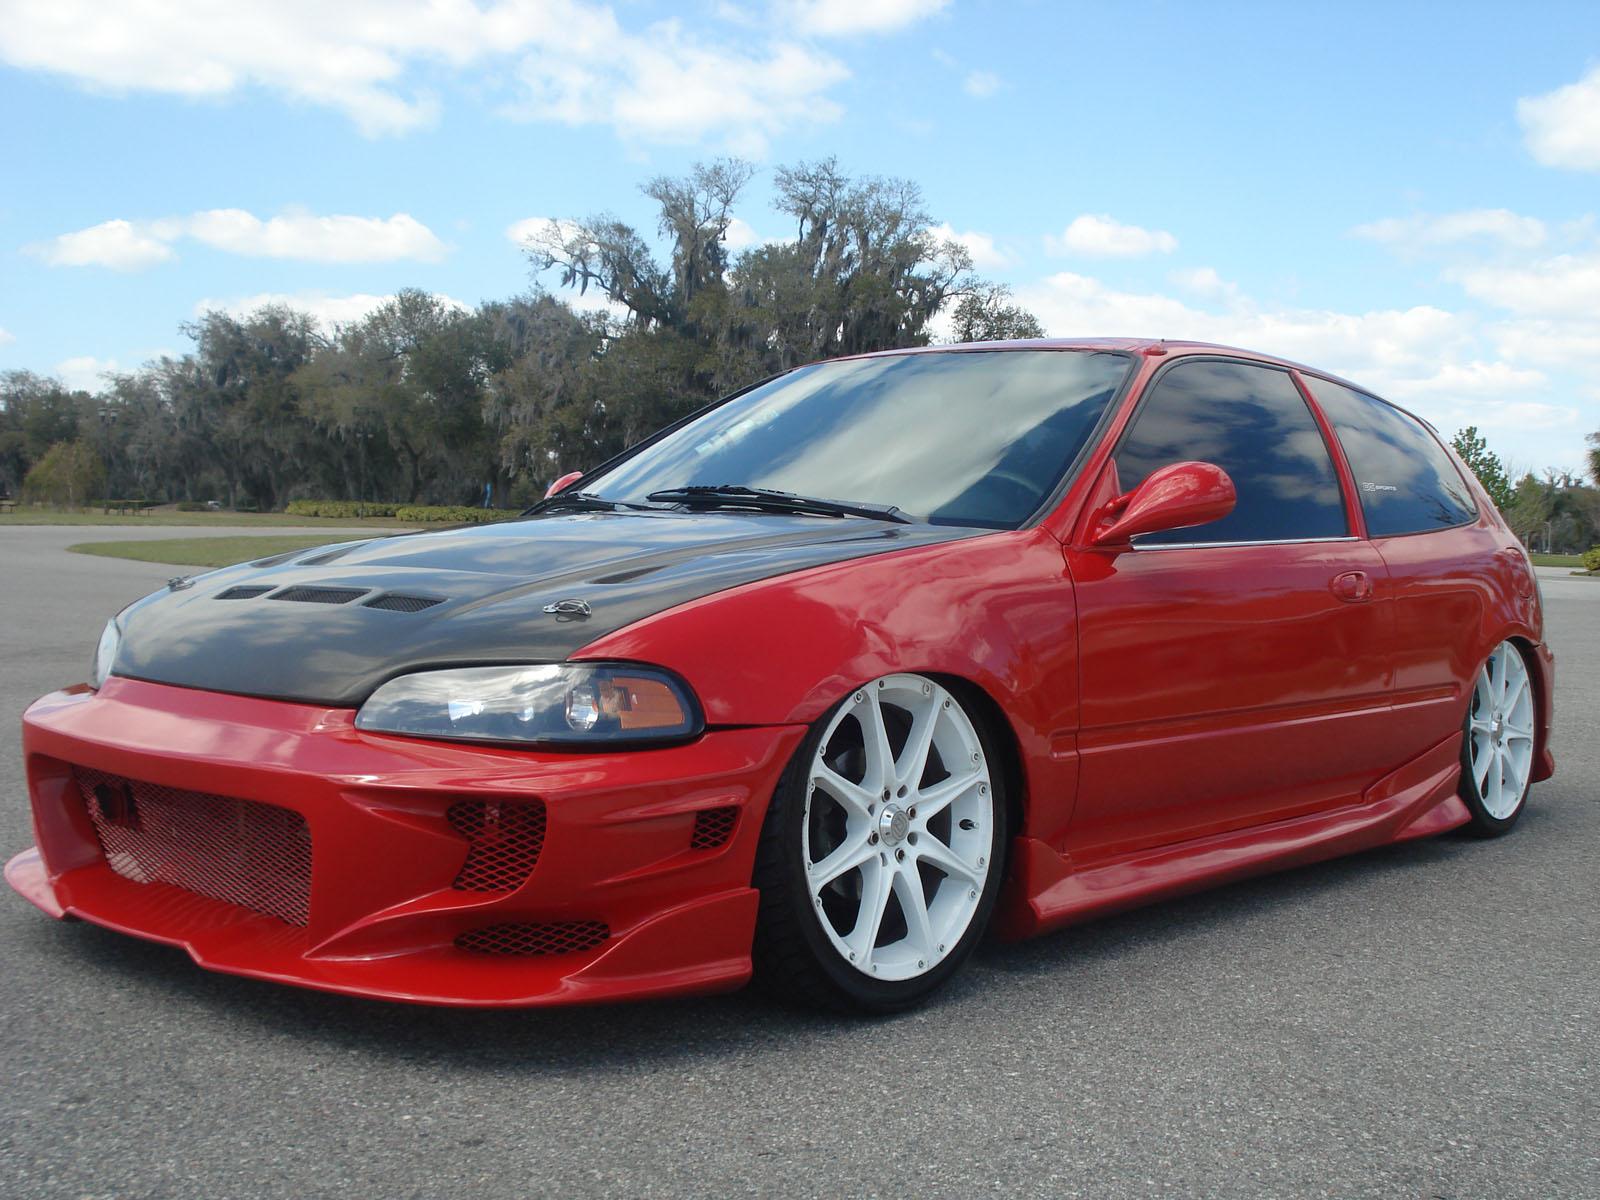 1995 Honda hatchback [Civic] hatchback For Sale | Kissimmee Florida